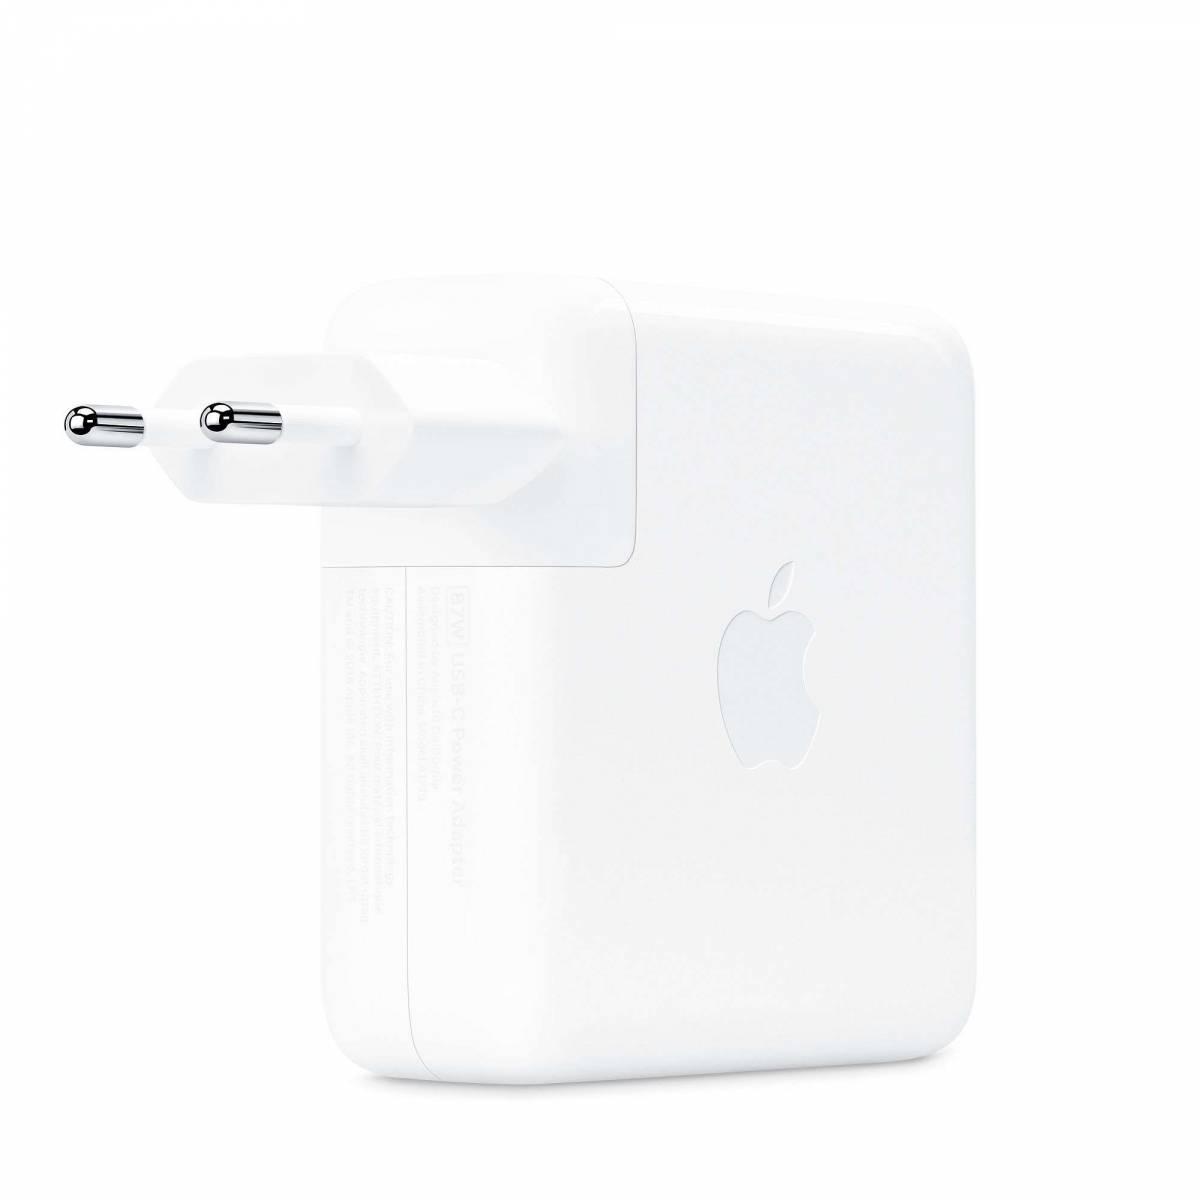 Apples USB C strömförsörjning på 87 W Mackablar.se fra